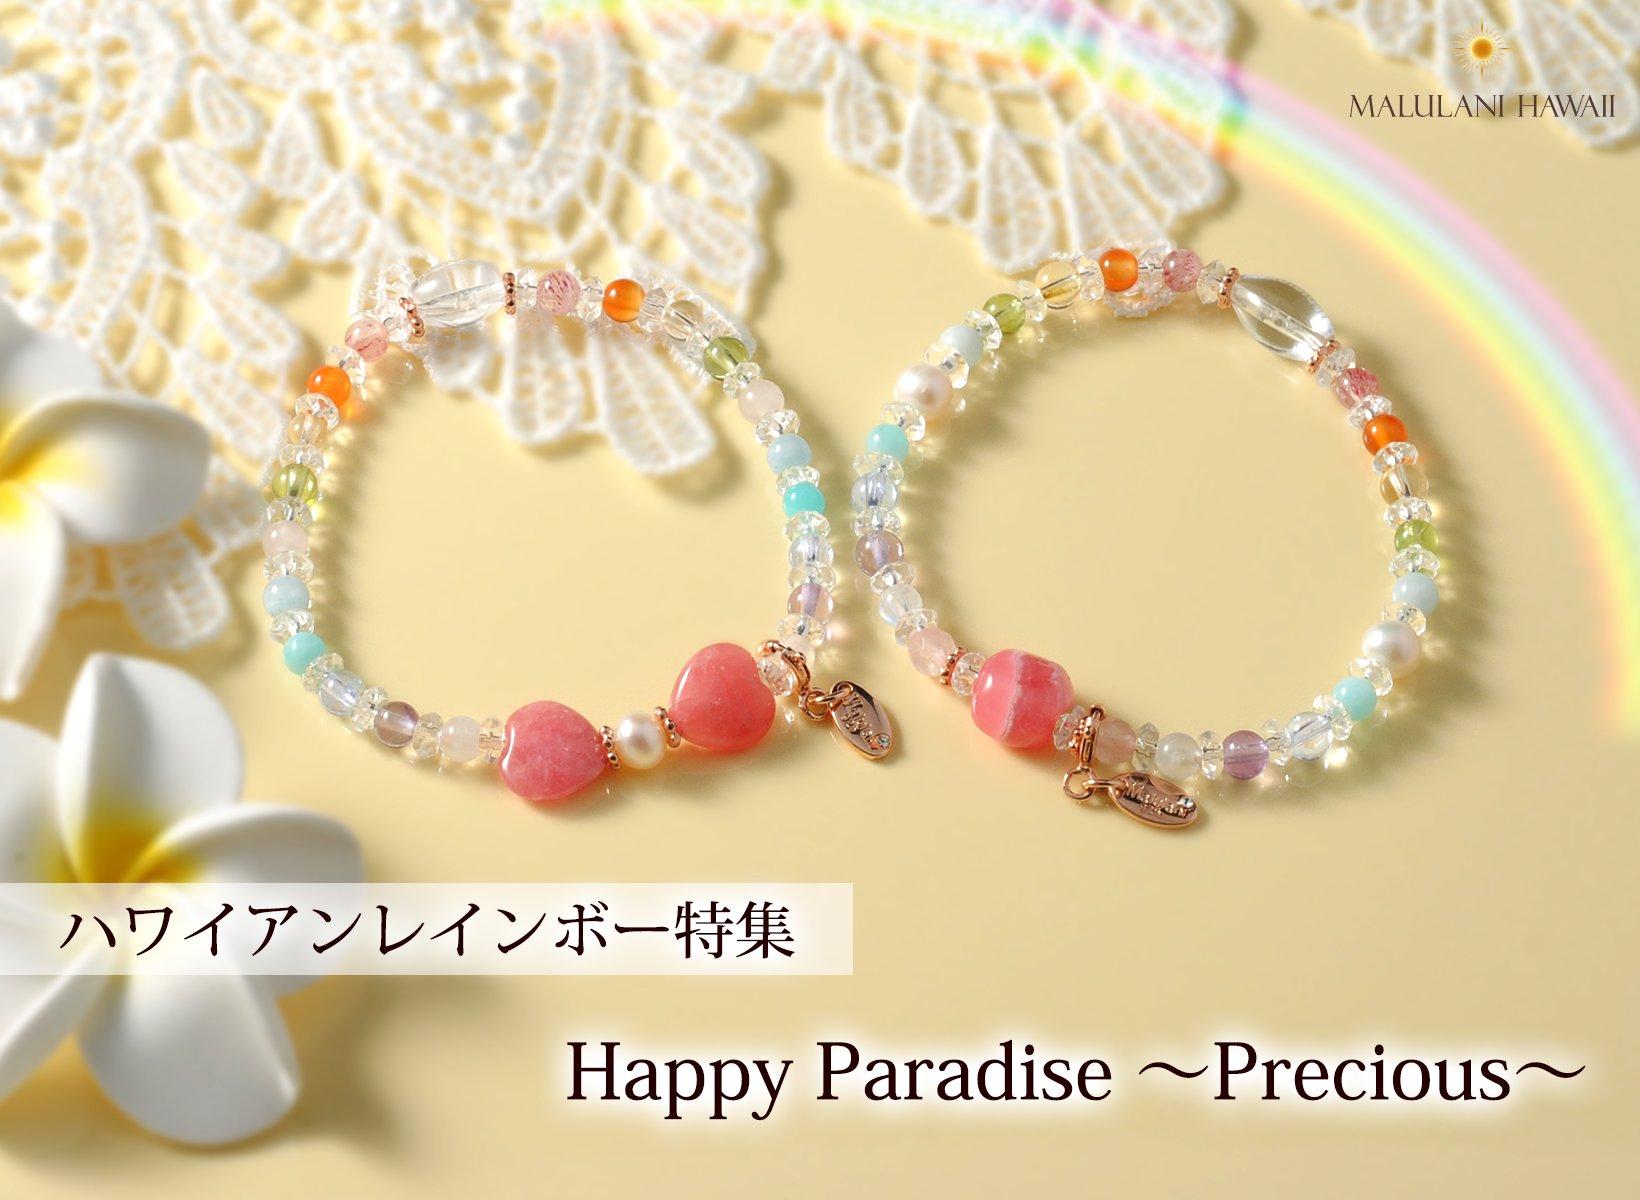 ハワイアンレインボー特集 happy paradise precious